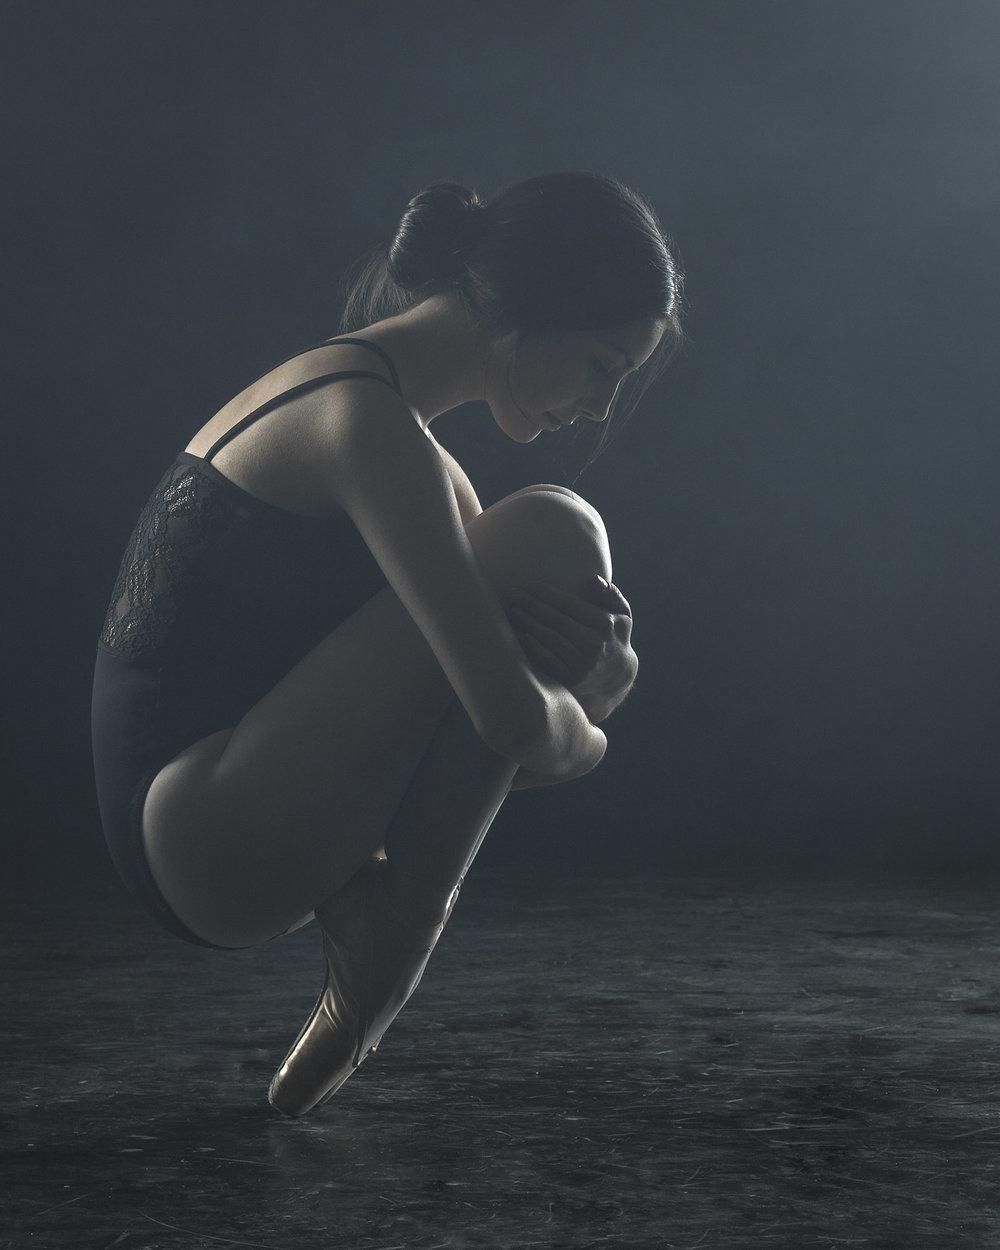 ballerina-crouching-en-pointe.jpg